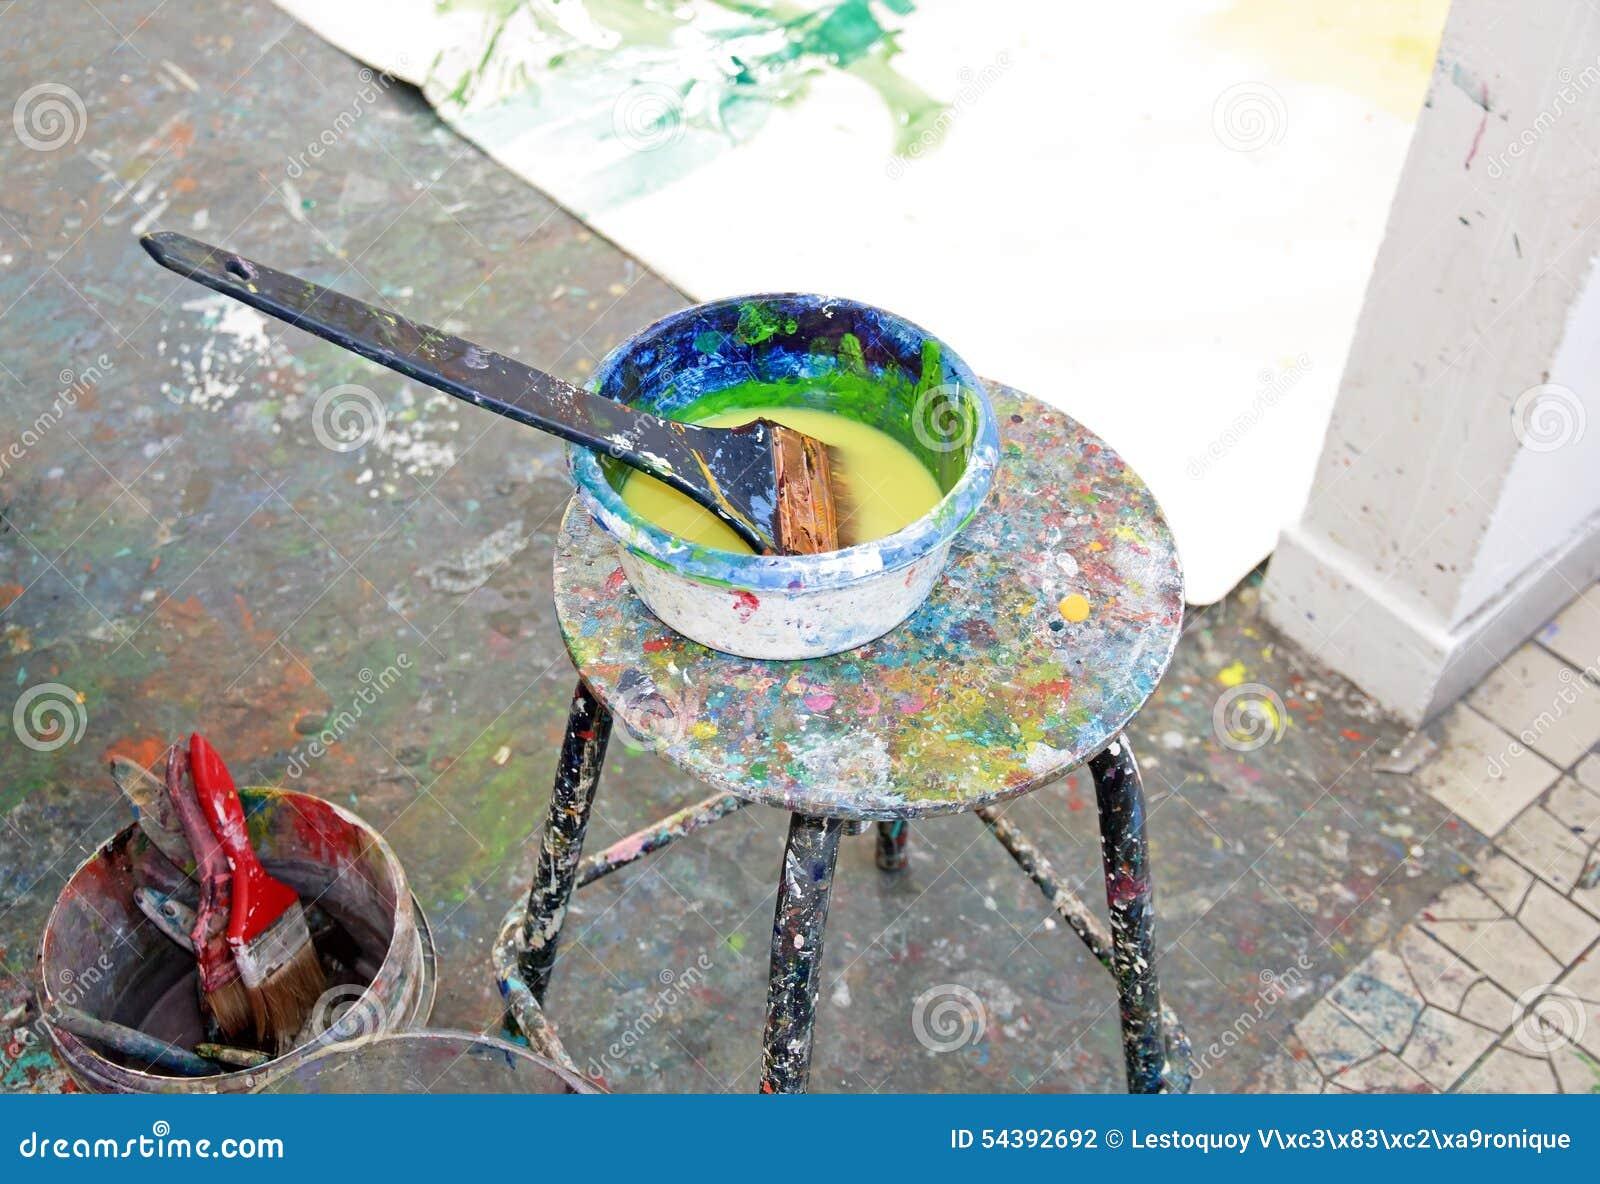 Pot De Peinture Et Brosse Dans Une école Dart école Dart Photo